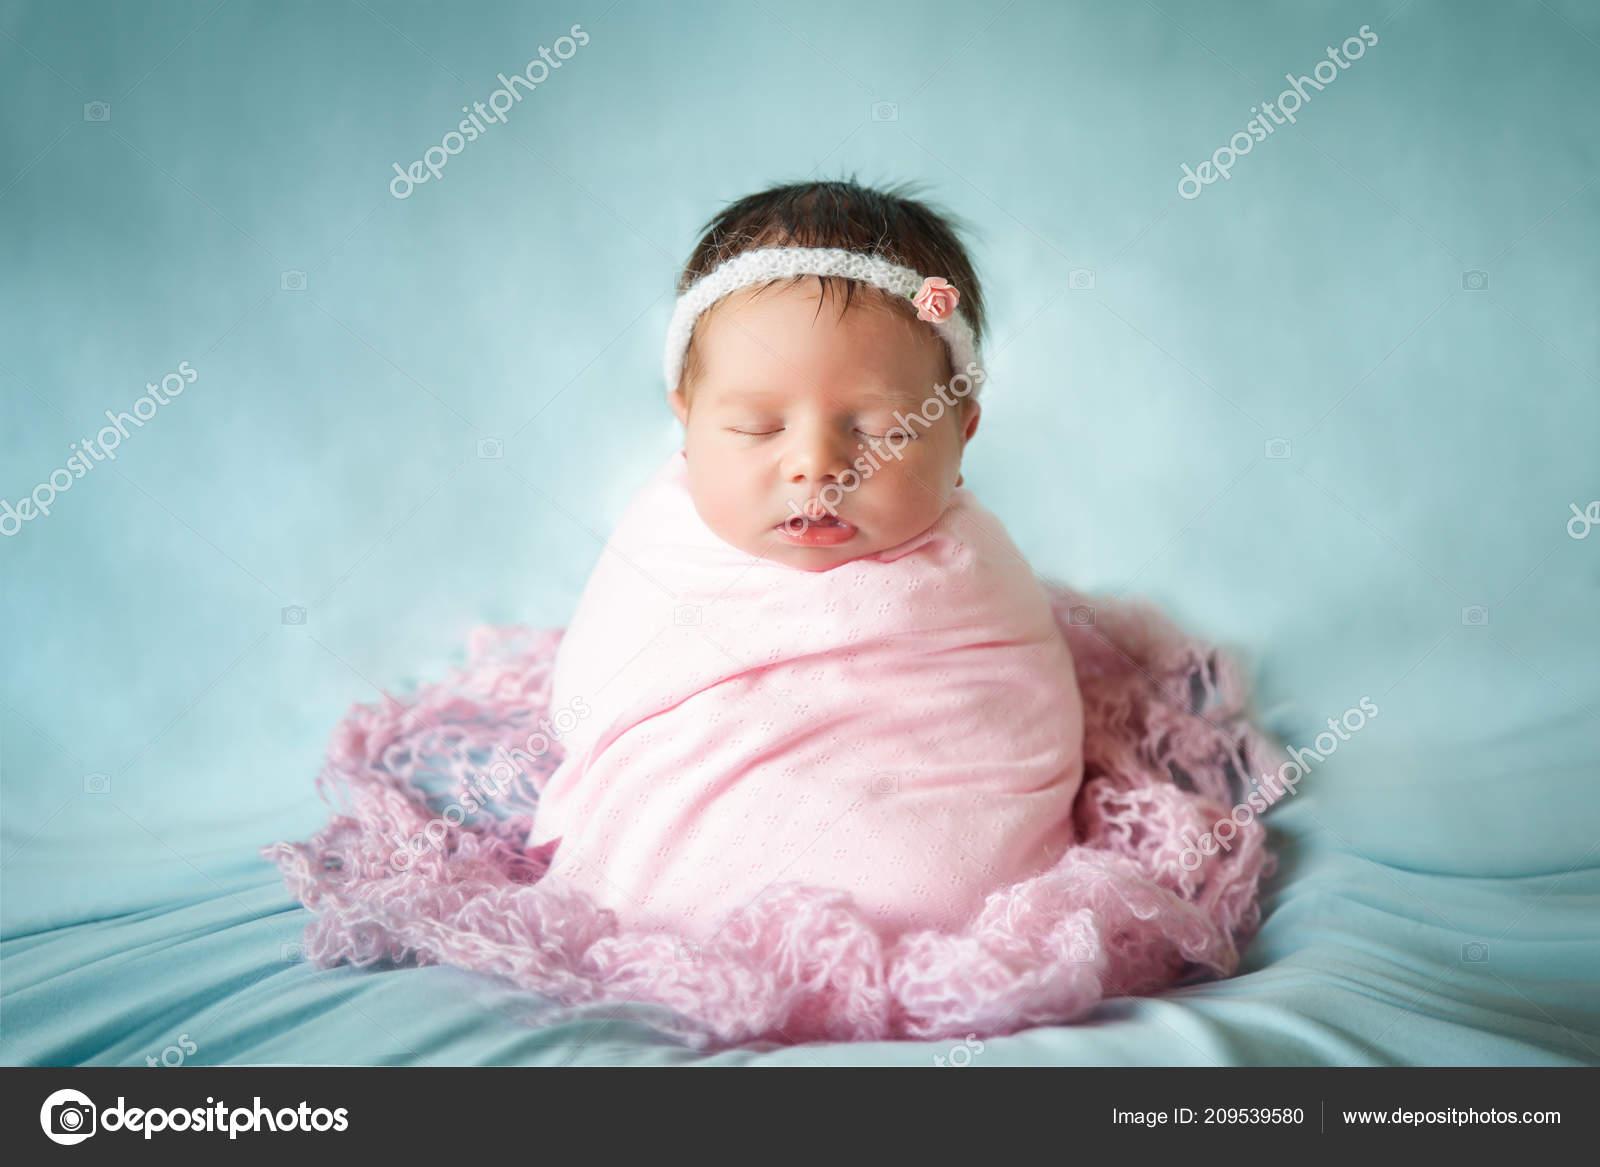 Bayi Perempuan Yang Baru Lahir Dengan Damai Tidur Dengan Pose Karung Kentang Stok Foto C Gorchichko 209539580